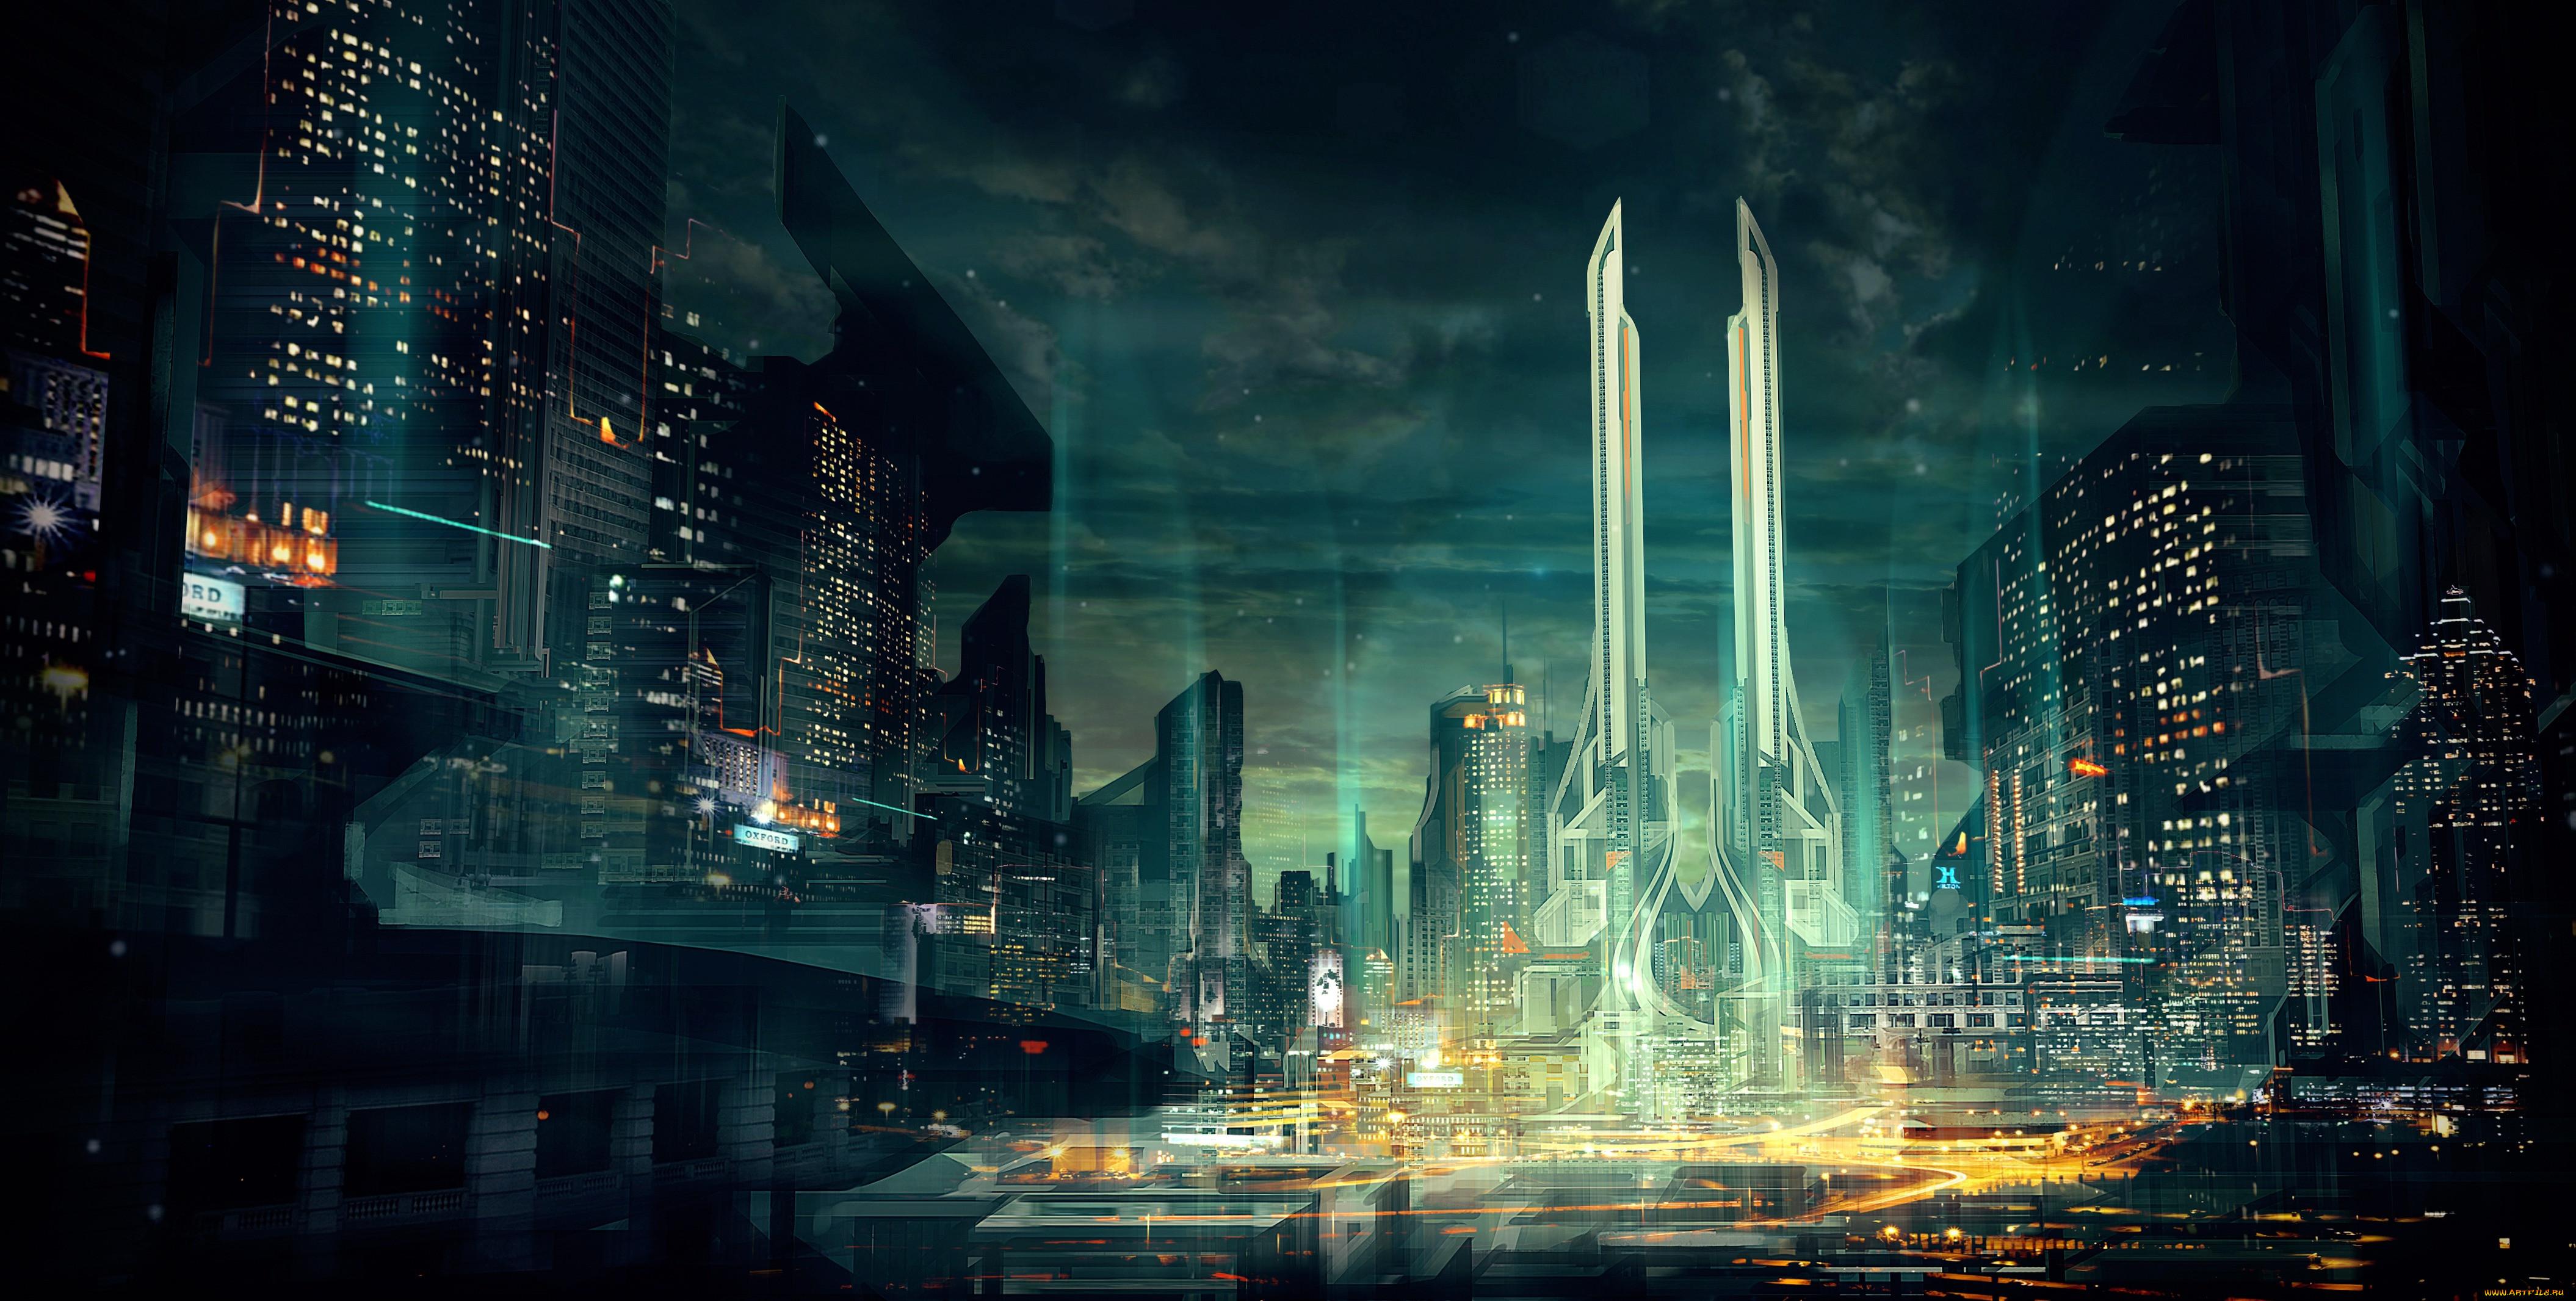 питерских фантастические города картинки в хорошем качестве вокзал, который прибыл